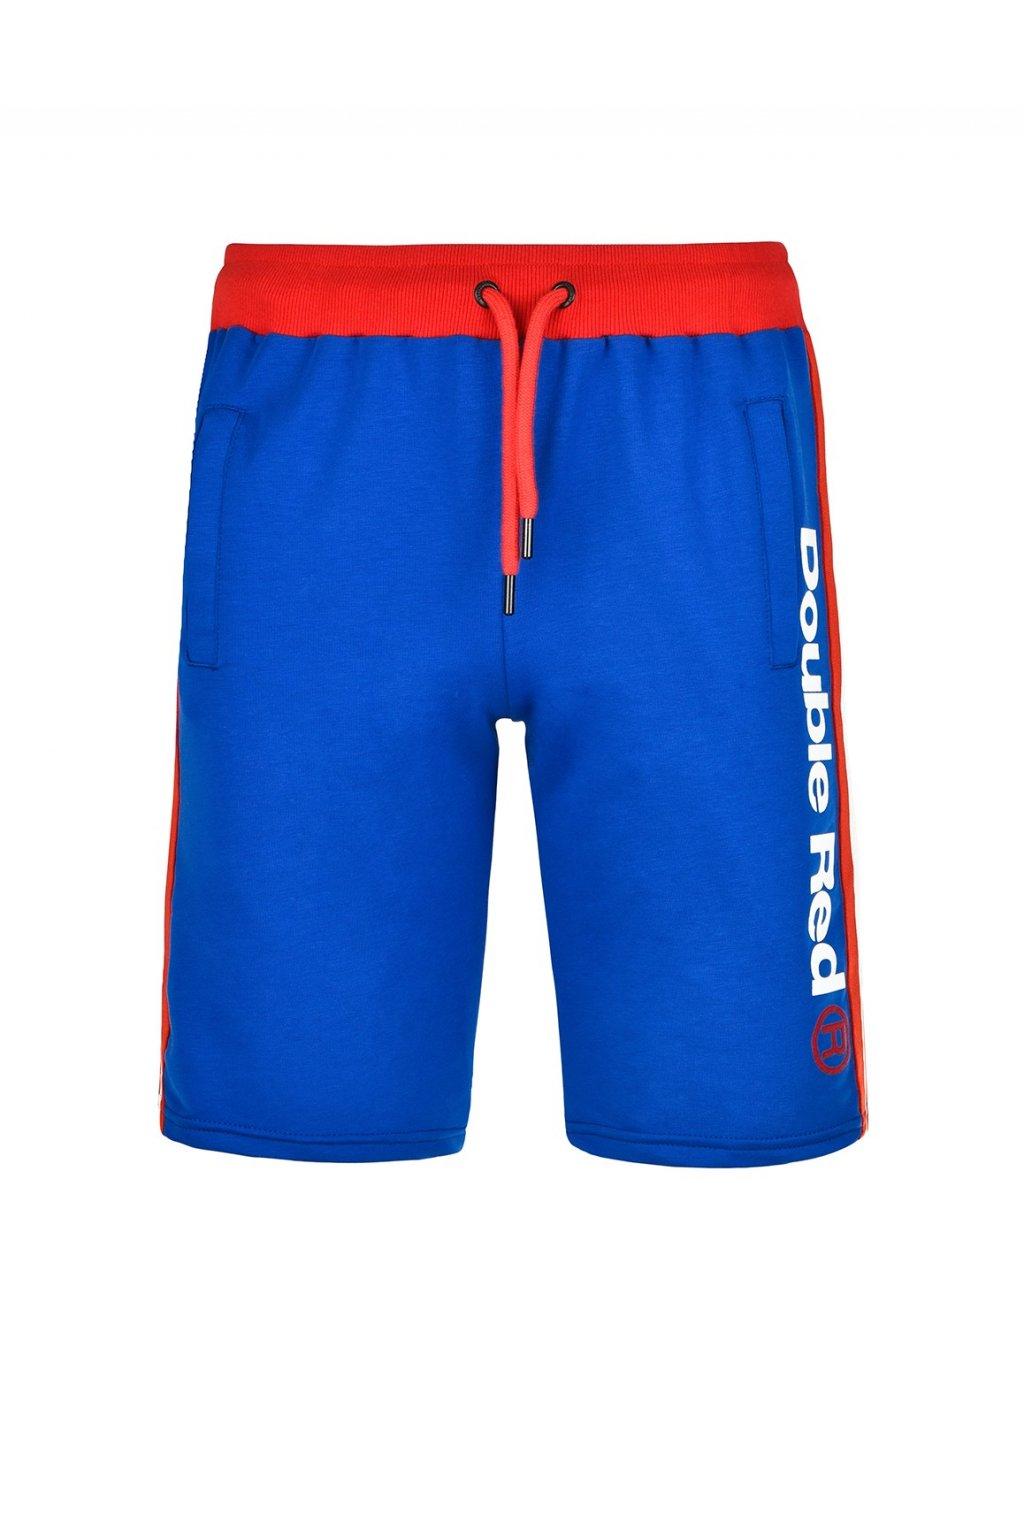 Pánské kraťasy UTTER Shorts Blue obr1